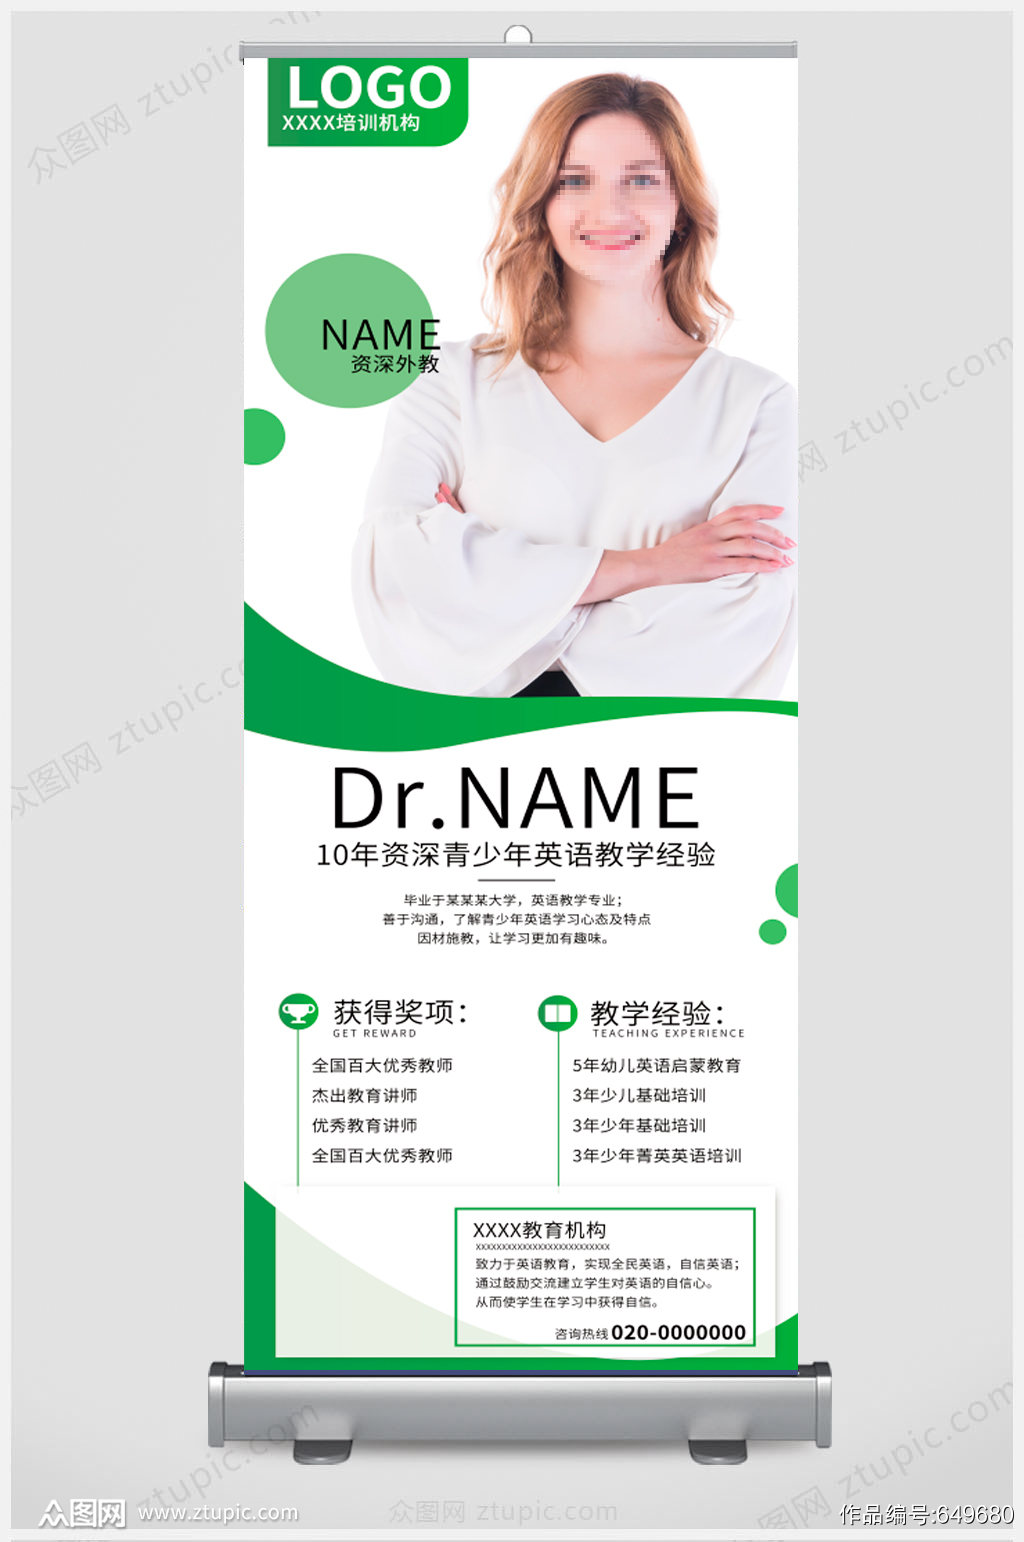 绿色简约外语导师教师讲师人物简介展板海报展架素材